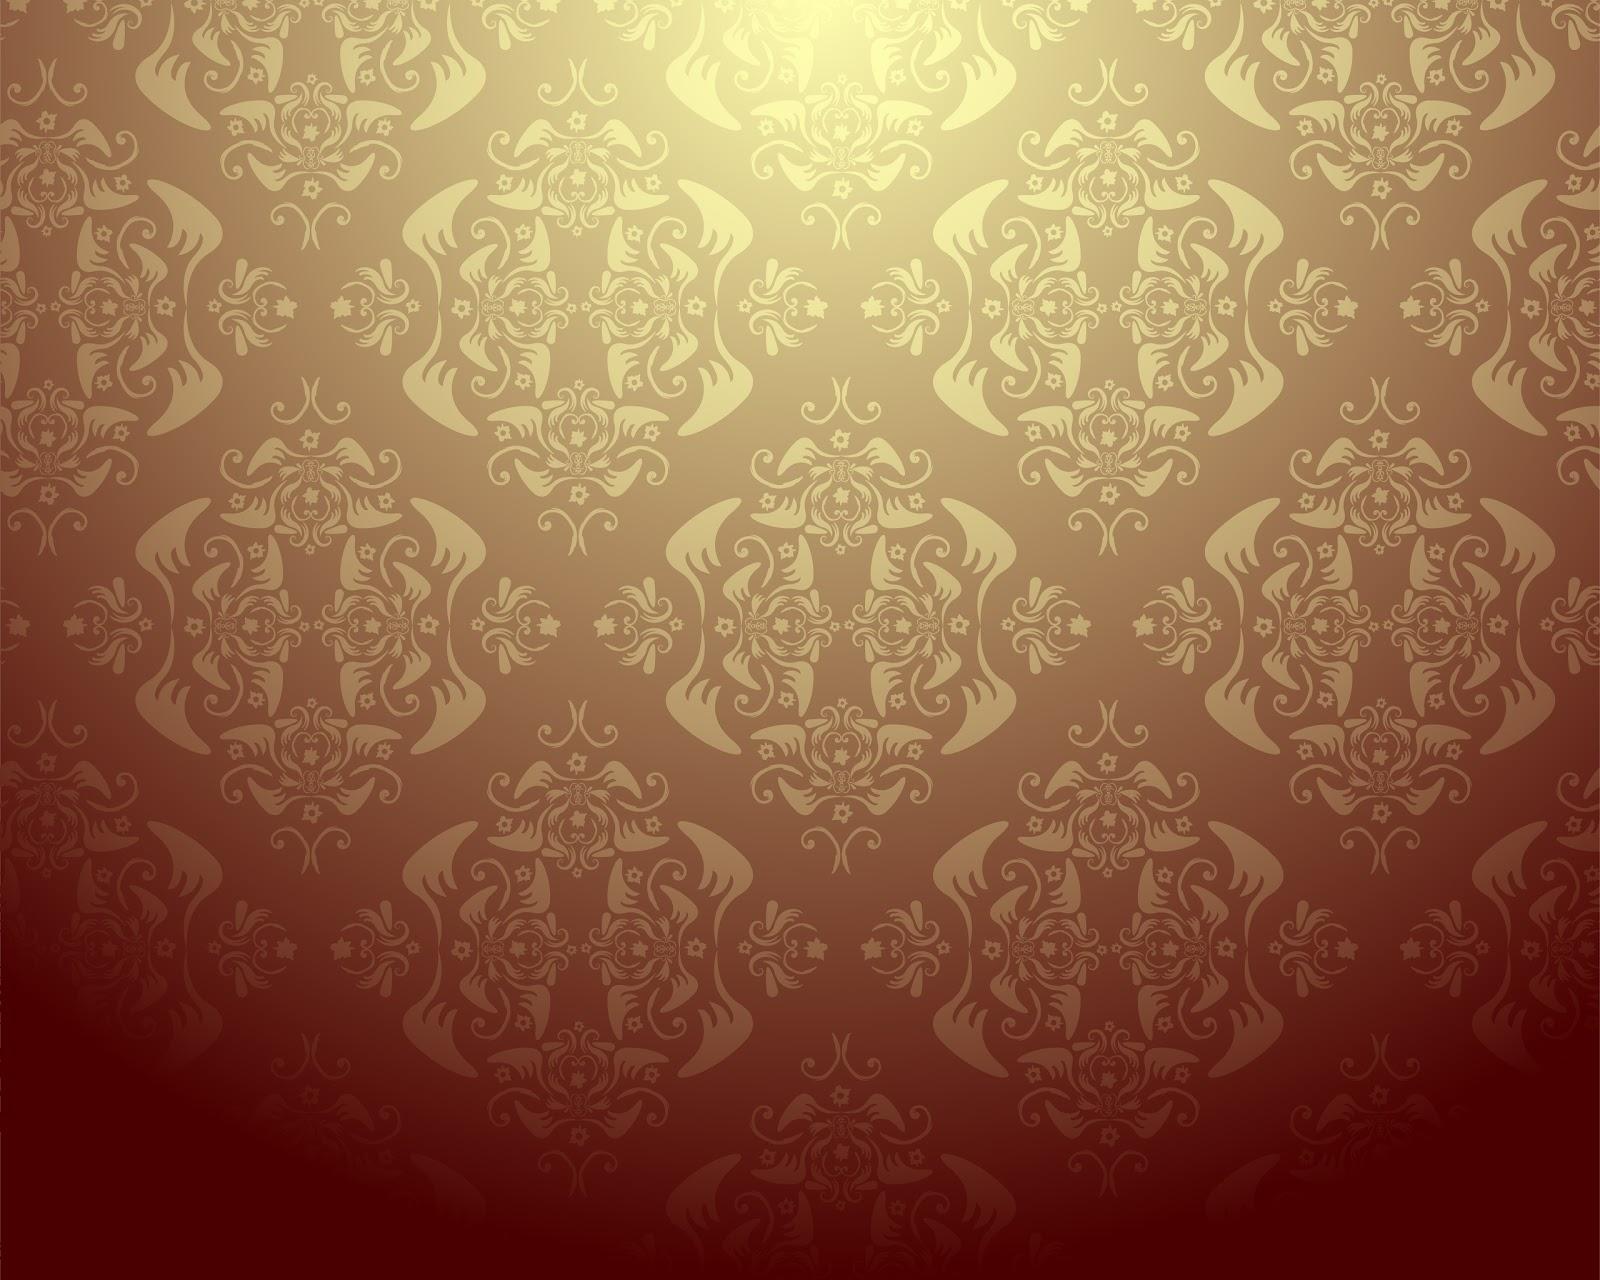 vintage damask background - photo #35